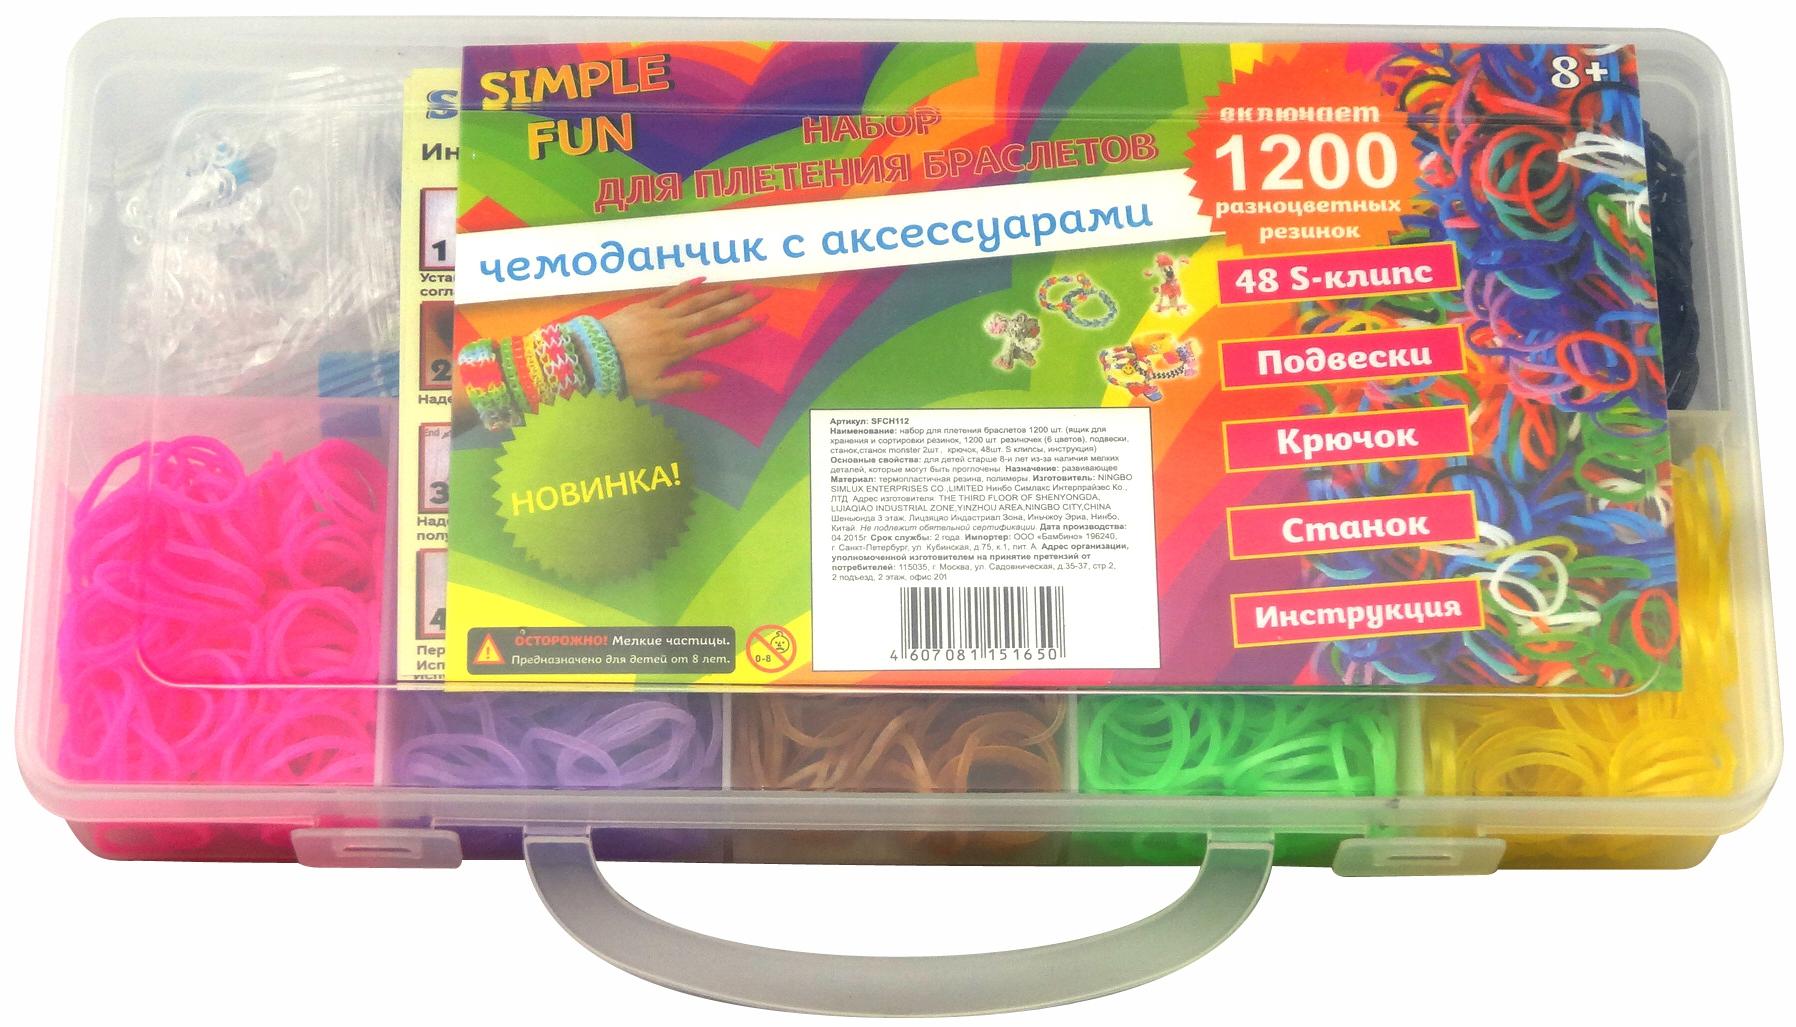 Украшения Simple Fun Набор для плетения браслетов Simple Fun «Loom» в чемоданчике 1200 шт. белоснежка набор для плетения из резинок фантазия 5250 шт